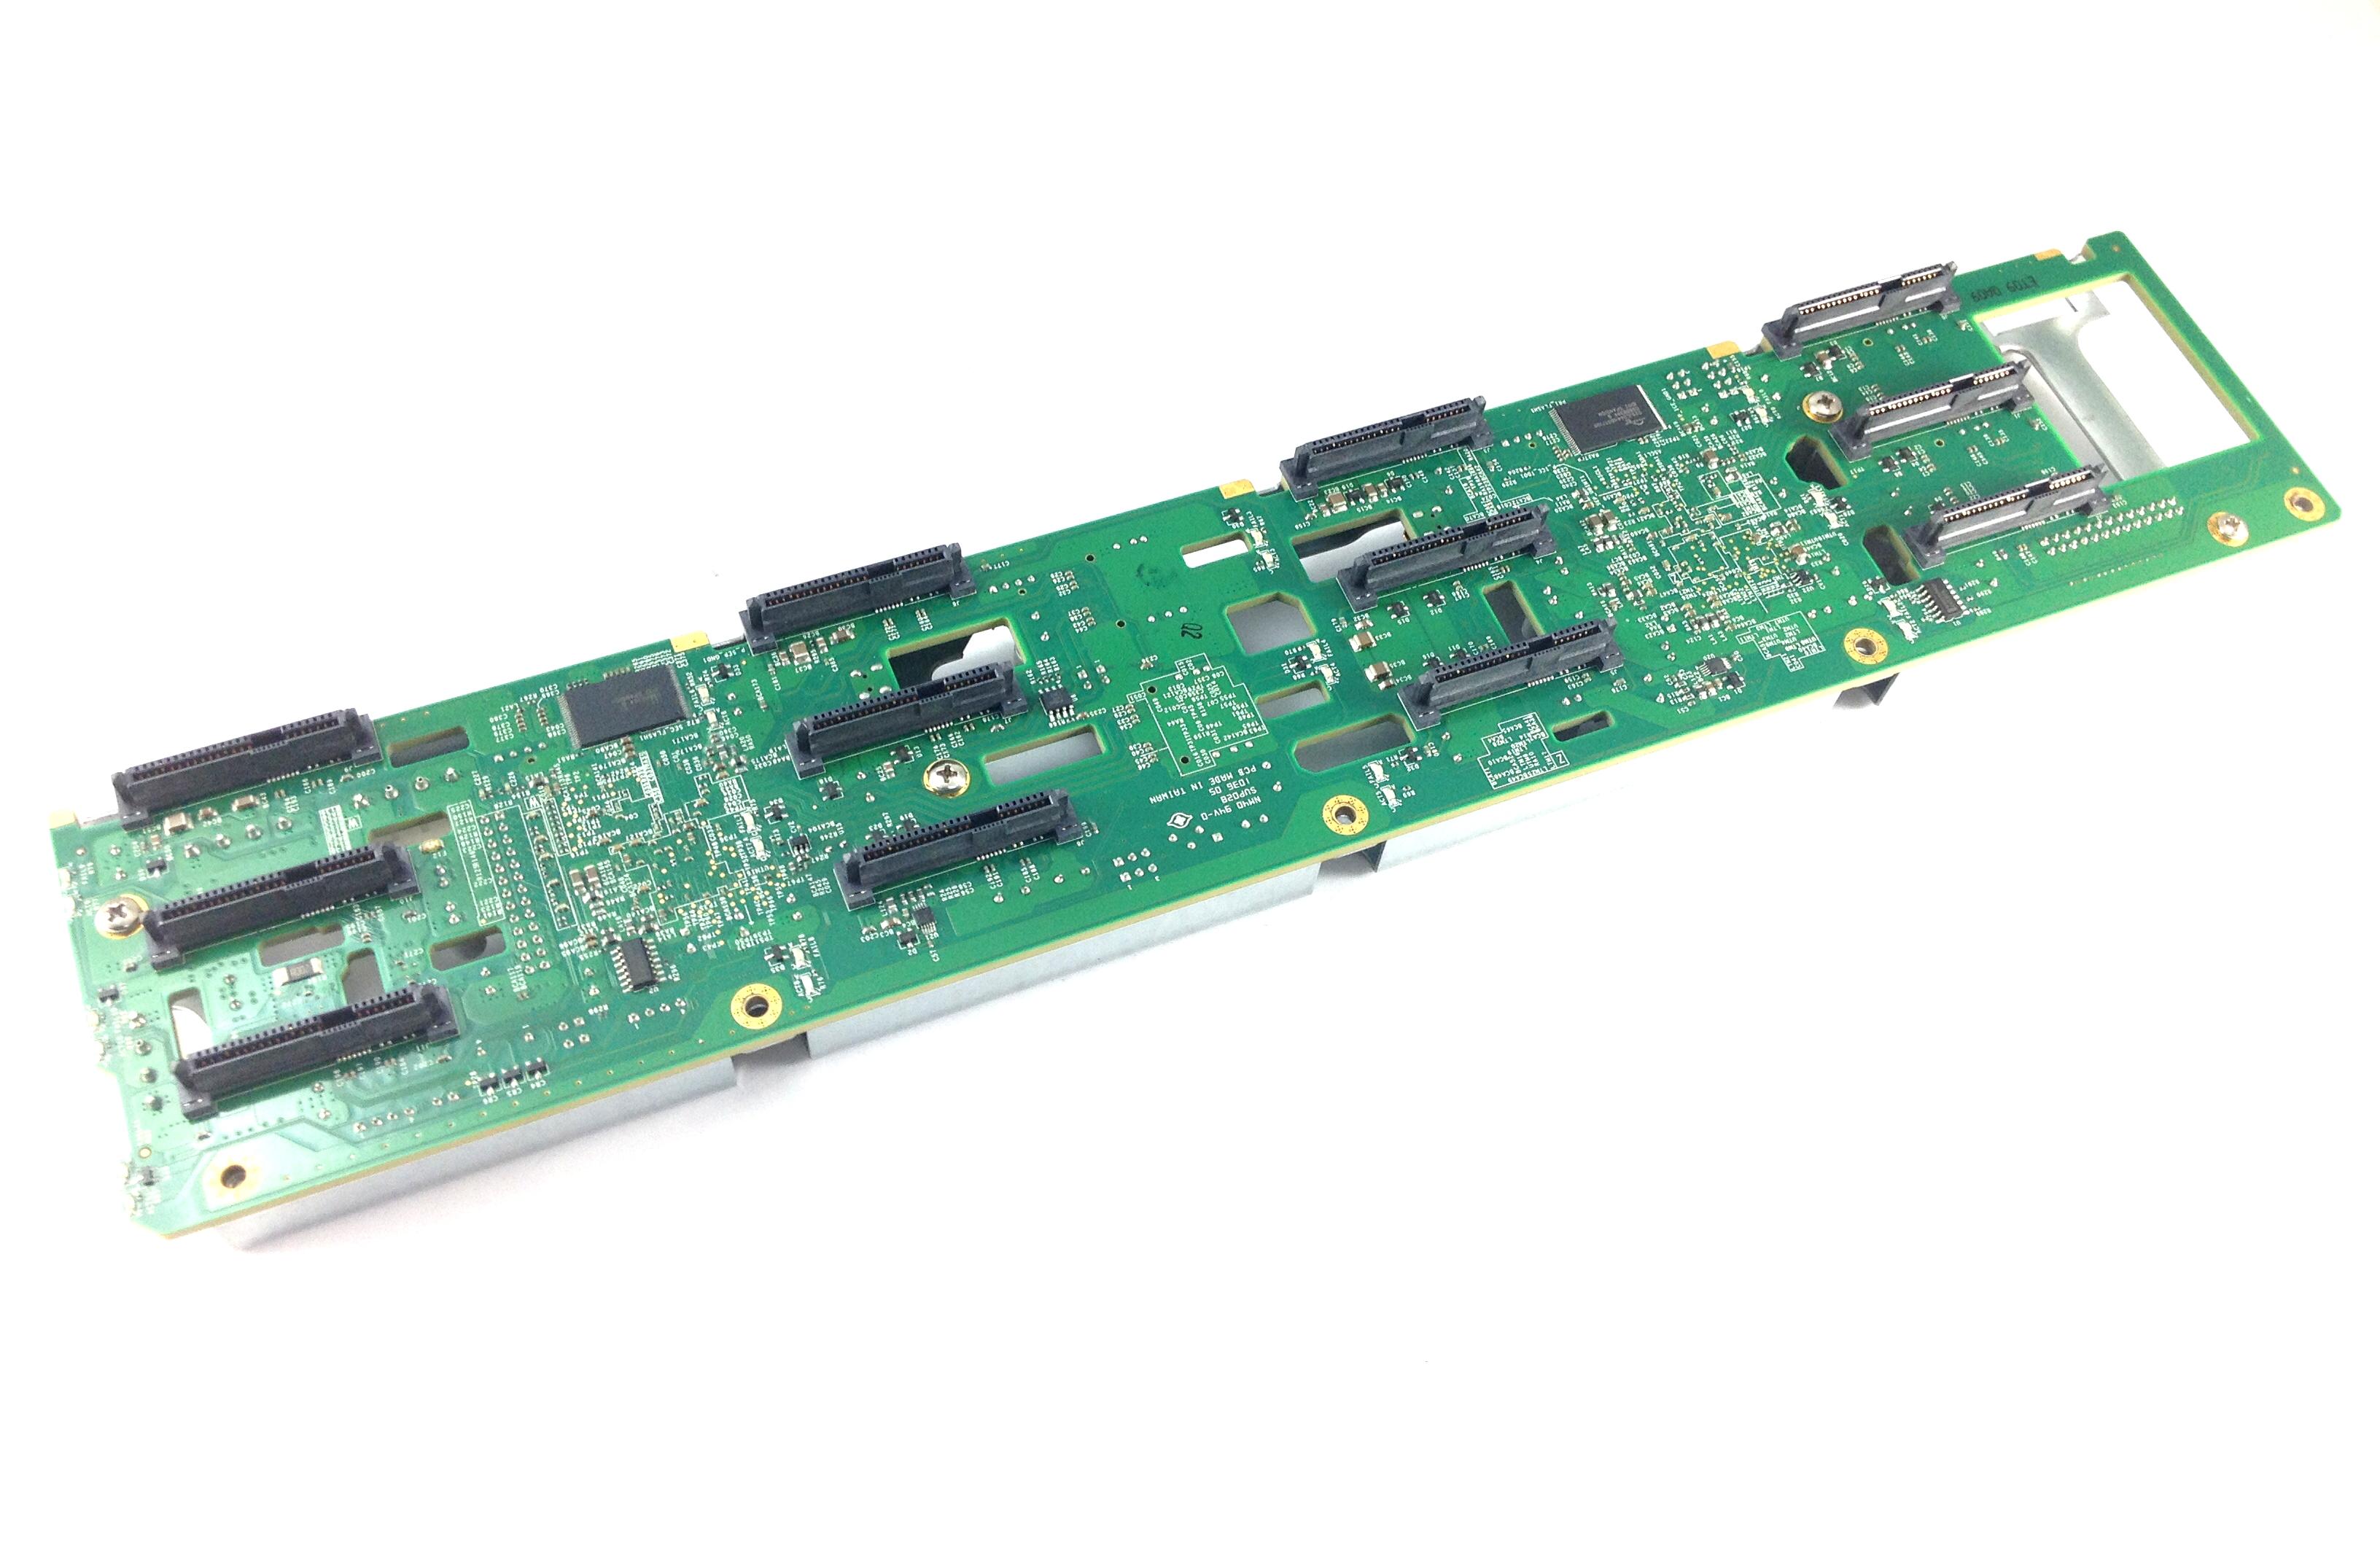 Supermicro 2U 12 Bay SAS2 HDD Backplane w/ Dual SAS2Exp (BPN-SAS2-826EL2)